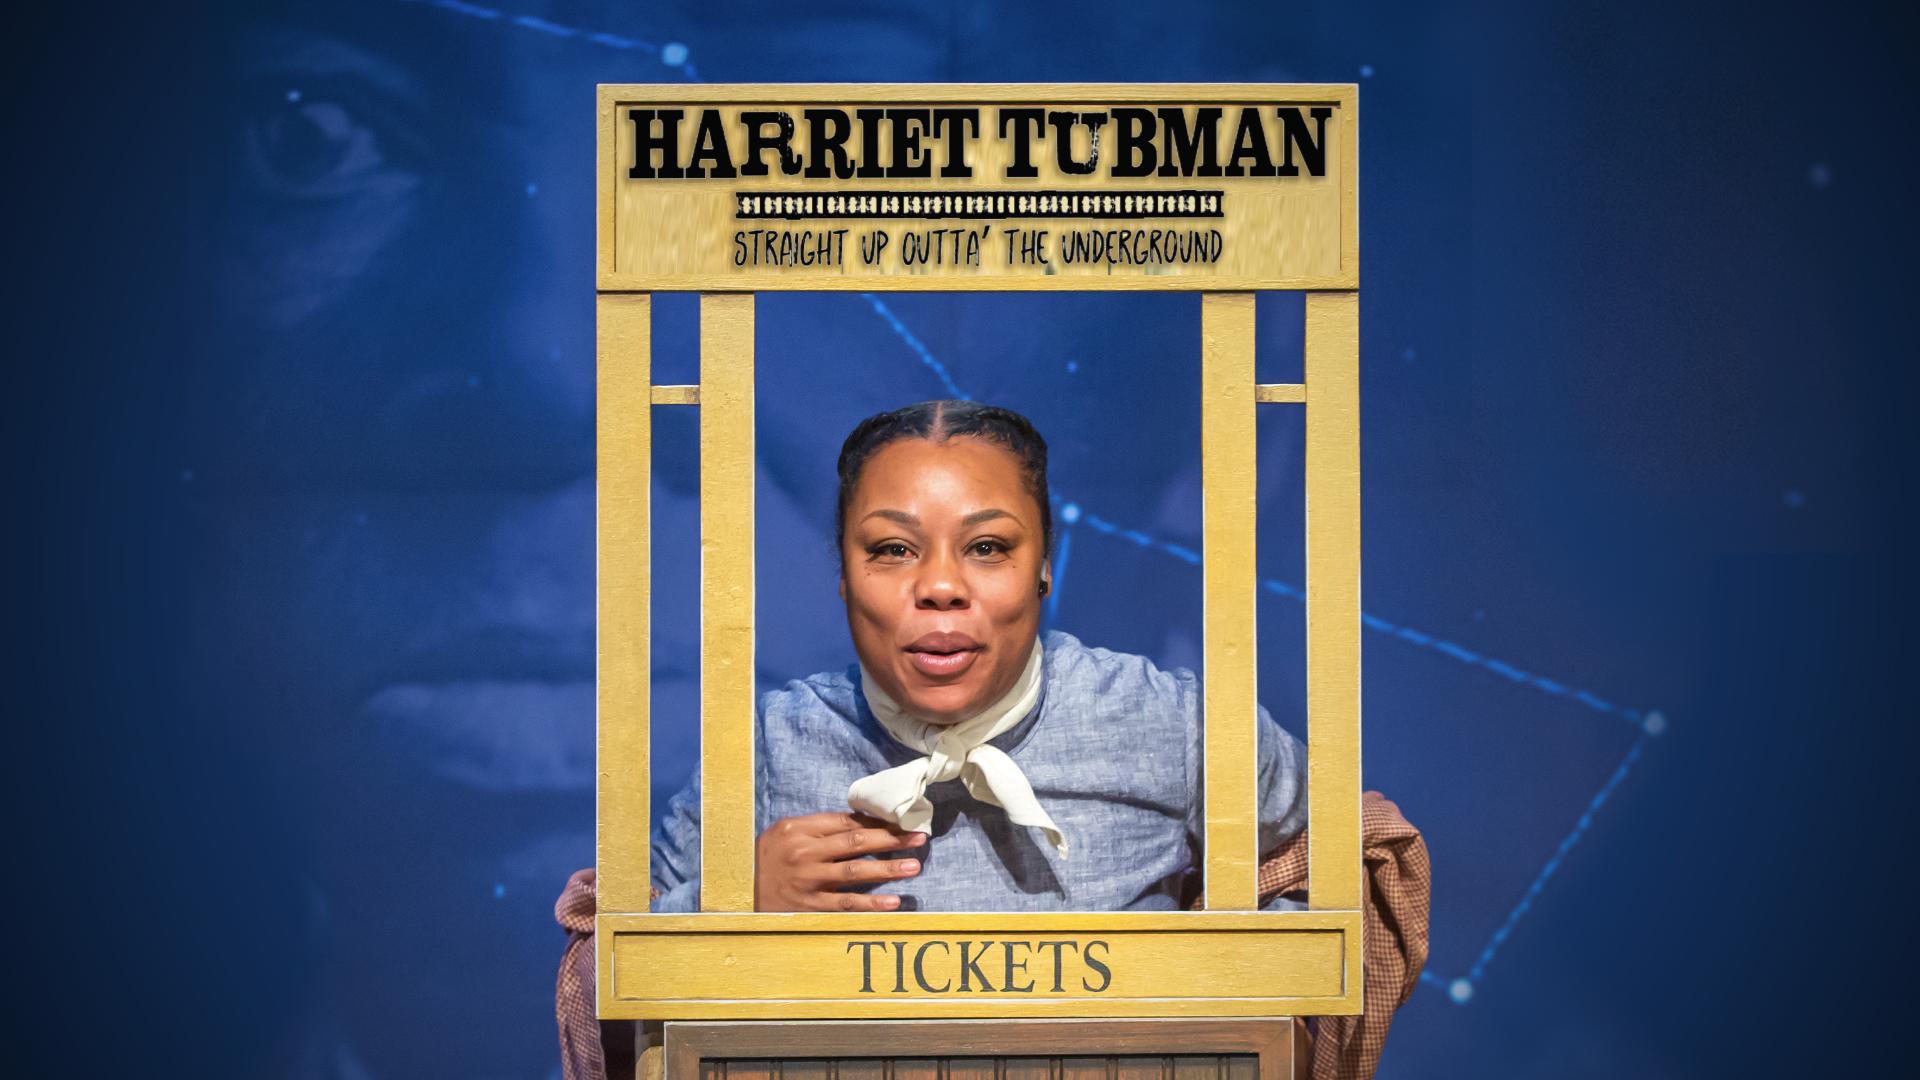 Harriet Tubman: Straight Up Outta the Underground